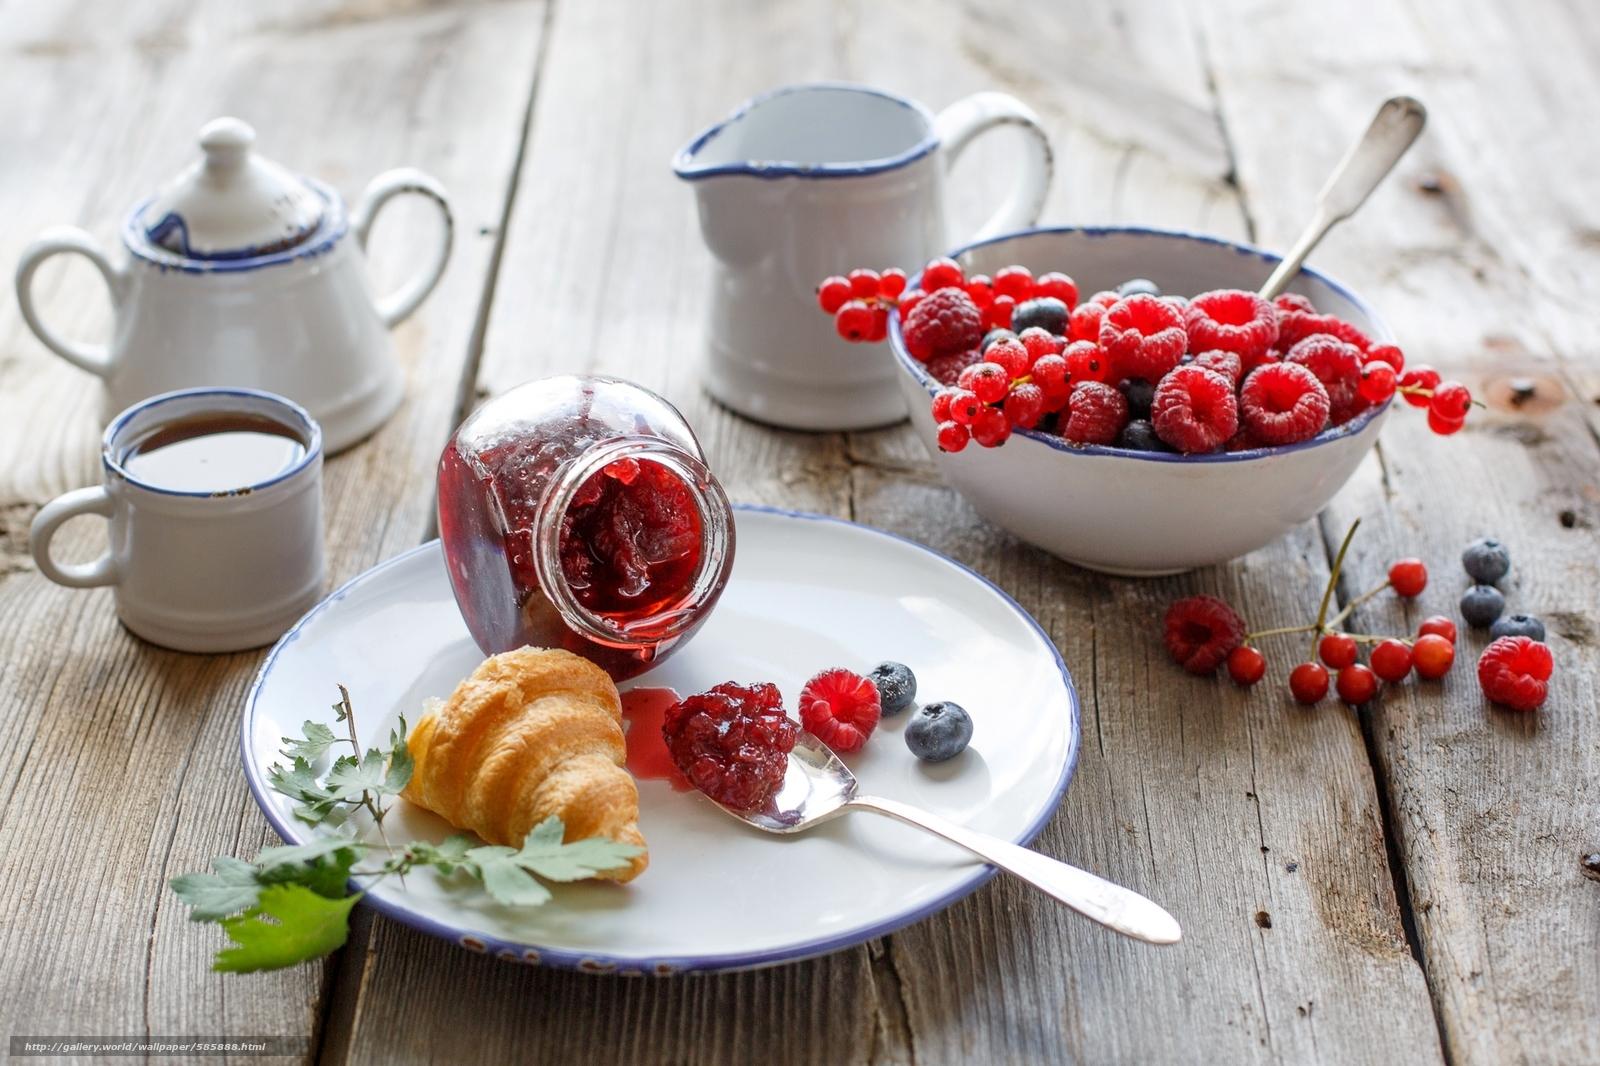 Скачать обои еда,  черника,  смородина,  чай бесплатно для рабочего стола в разрешении 2000x1333 — картинка №585888